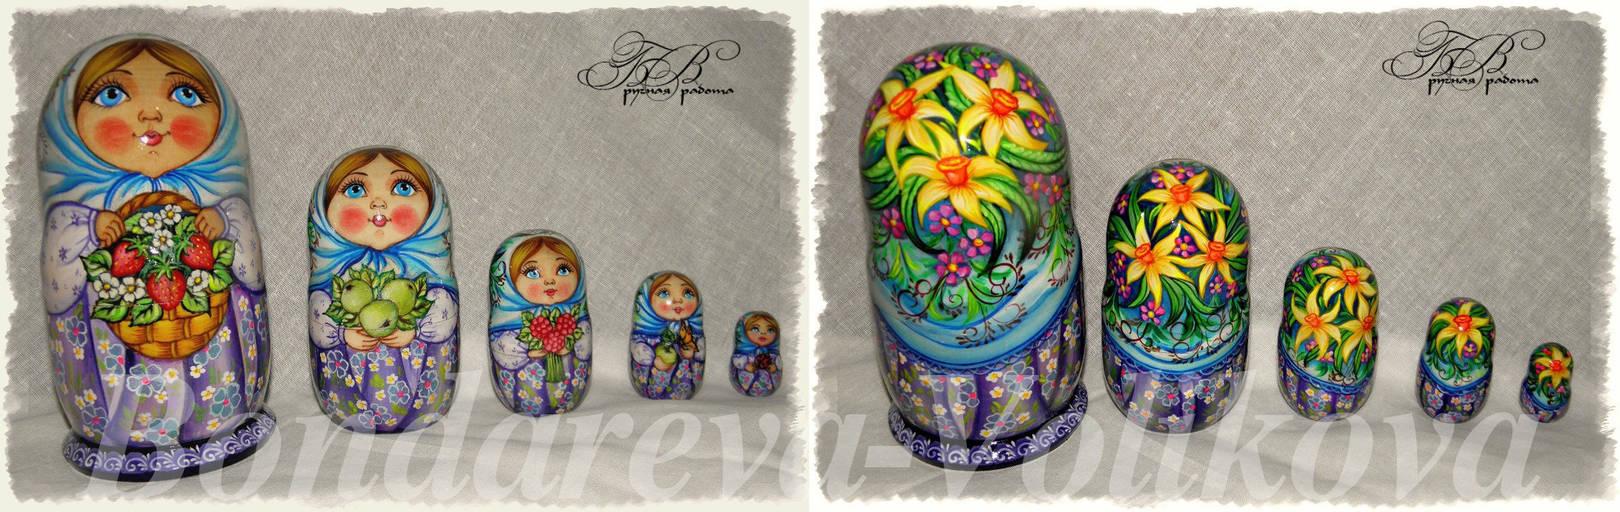 Русские матрешки 2 ( Russian nest-dolls 2)